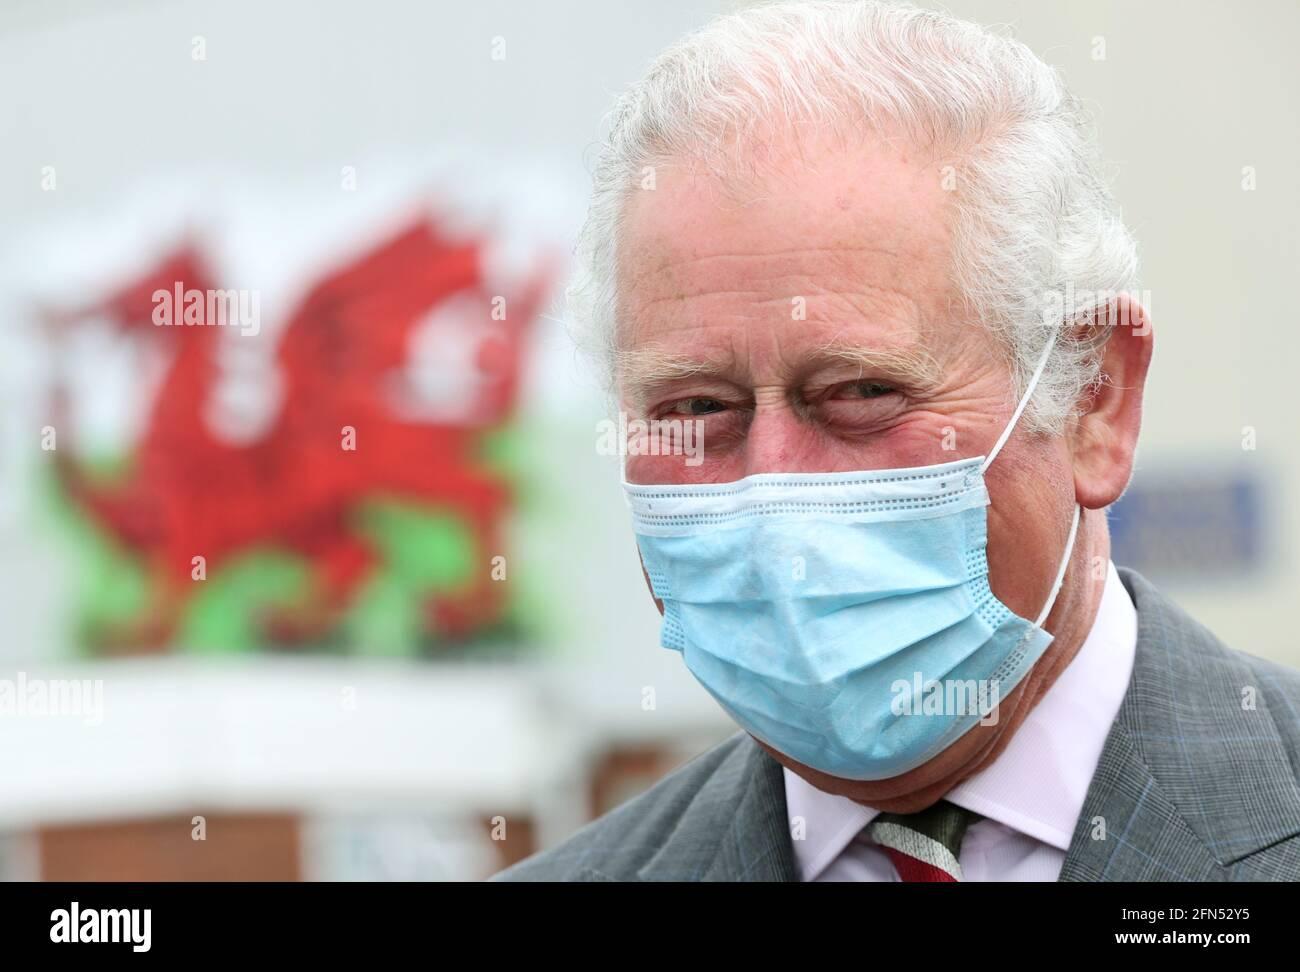 Il Principe del Galles durante una visita a BCB International, fornitore di attrezzature di protezione, mediche e di difesa, a Cardiff. Data immagine: Venerdì 14 maggio 2021. Foto Stock